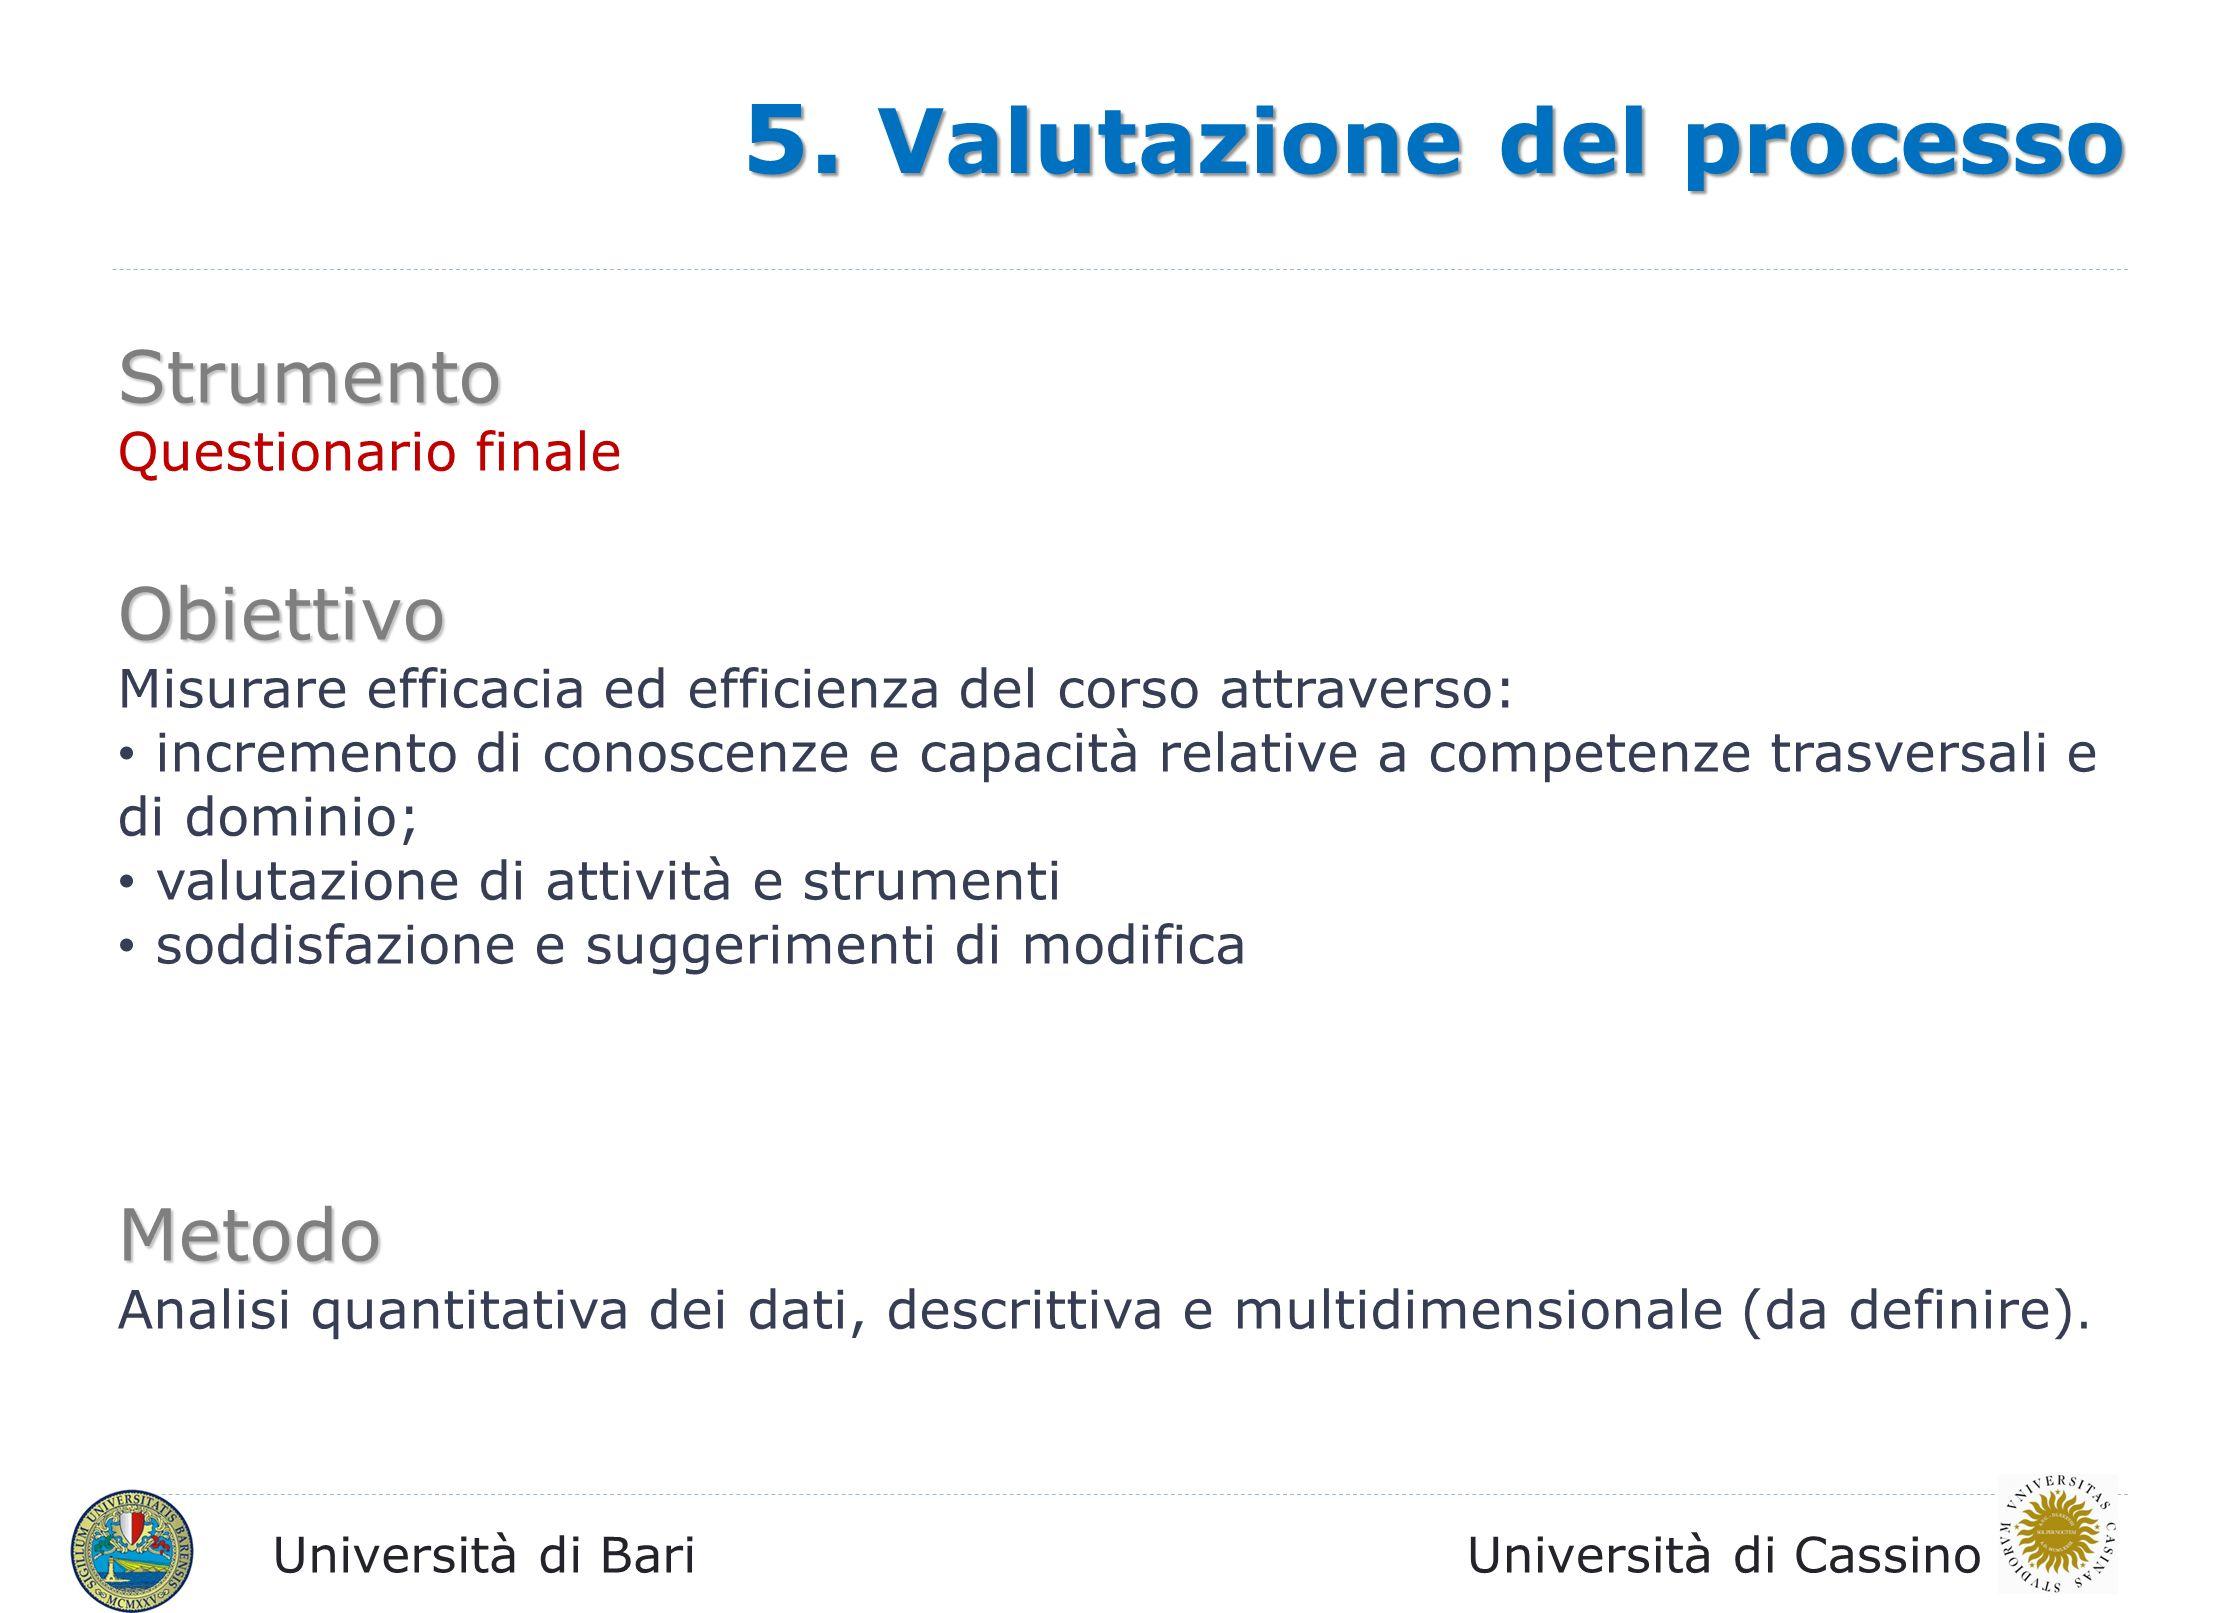 5. Valutazione del processo